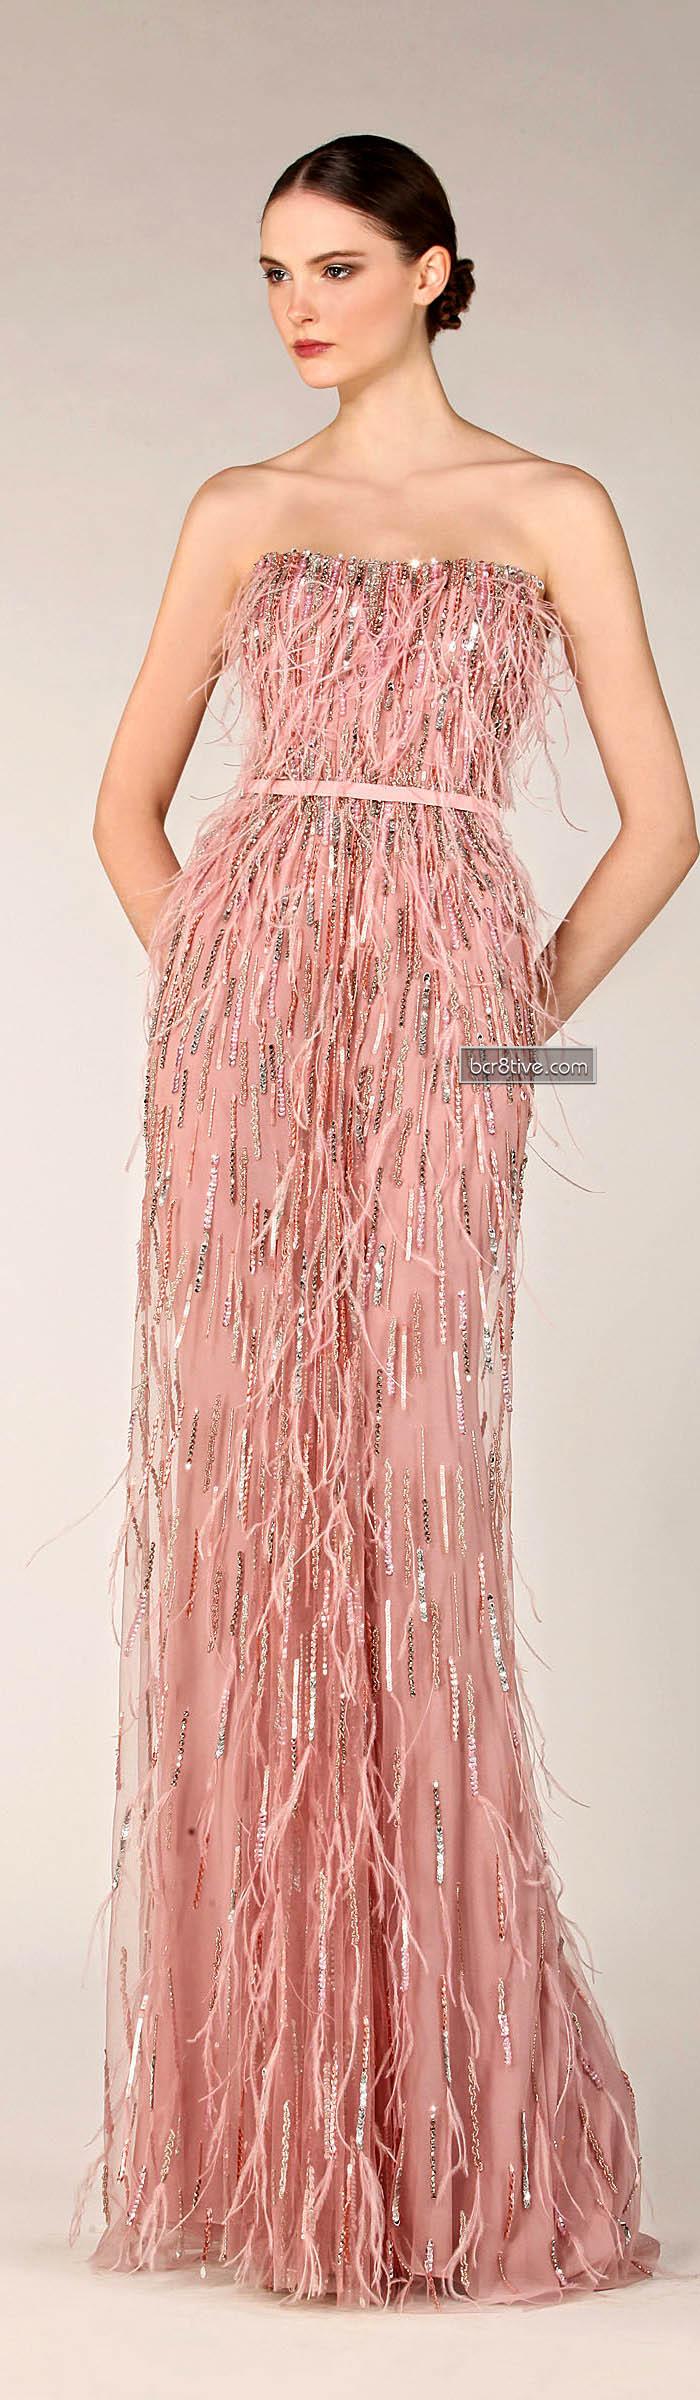 Tony Ward Fall Winter 2013-14 Ready to Wear Favorites   Vestidos de ...